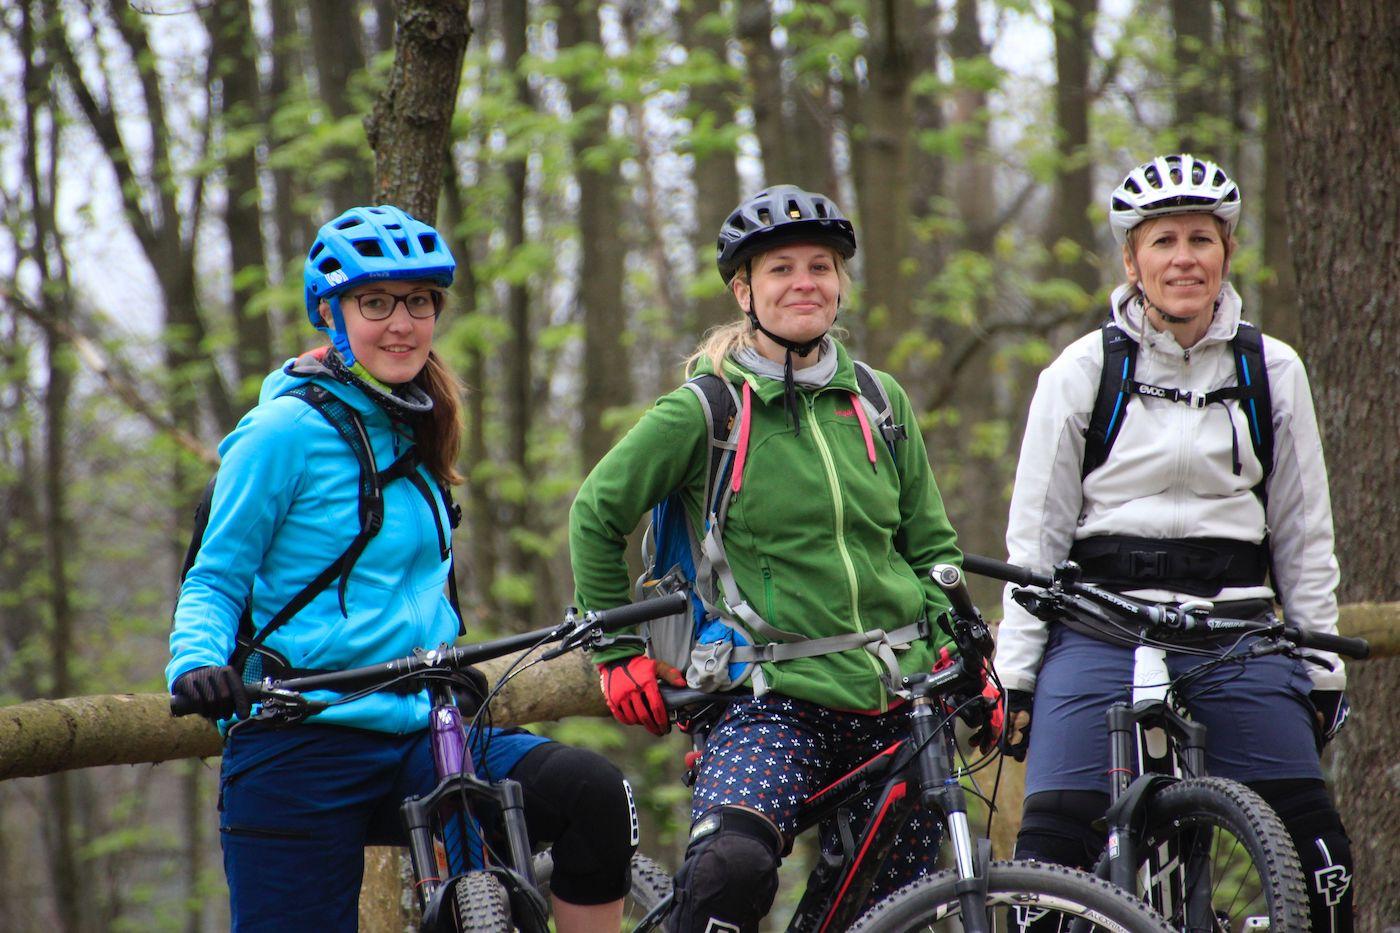 MTB Fahrtechnik Kurs Fortgeschrittene in Hamburg - Harburger Berge Norden - Mountainbike Fortgeschritten - Rock my Trail Bikeschule - 19